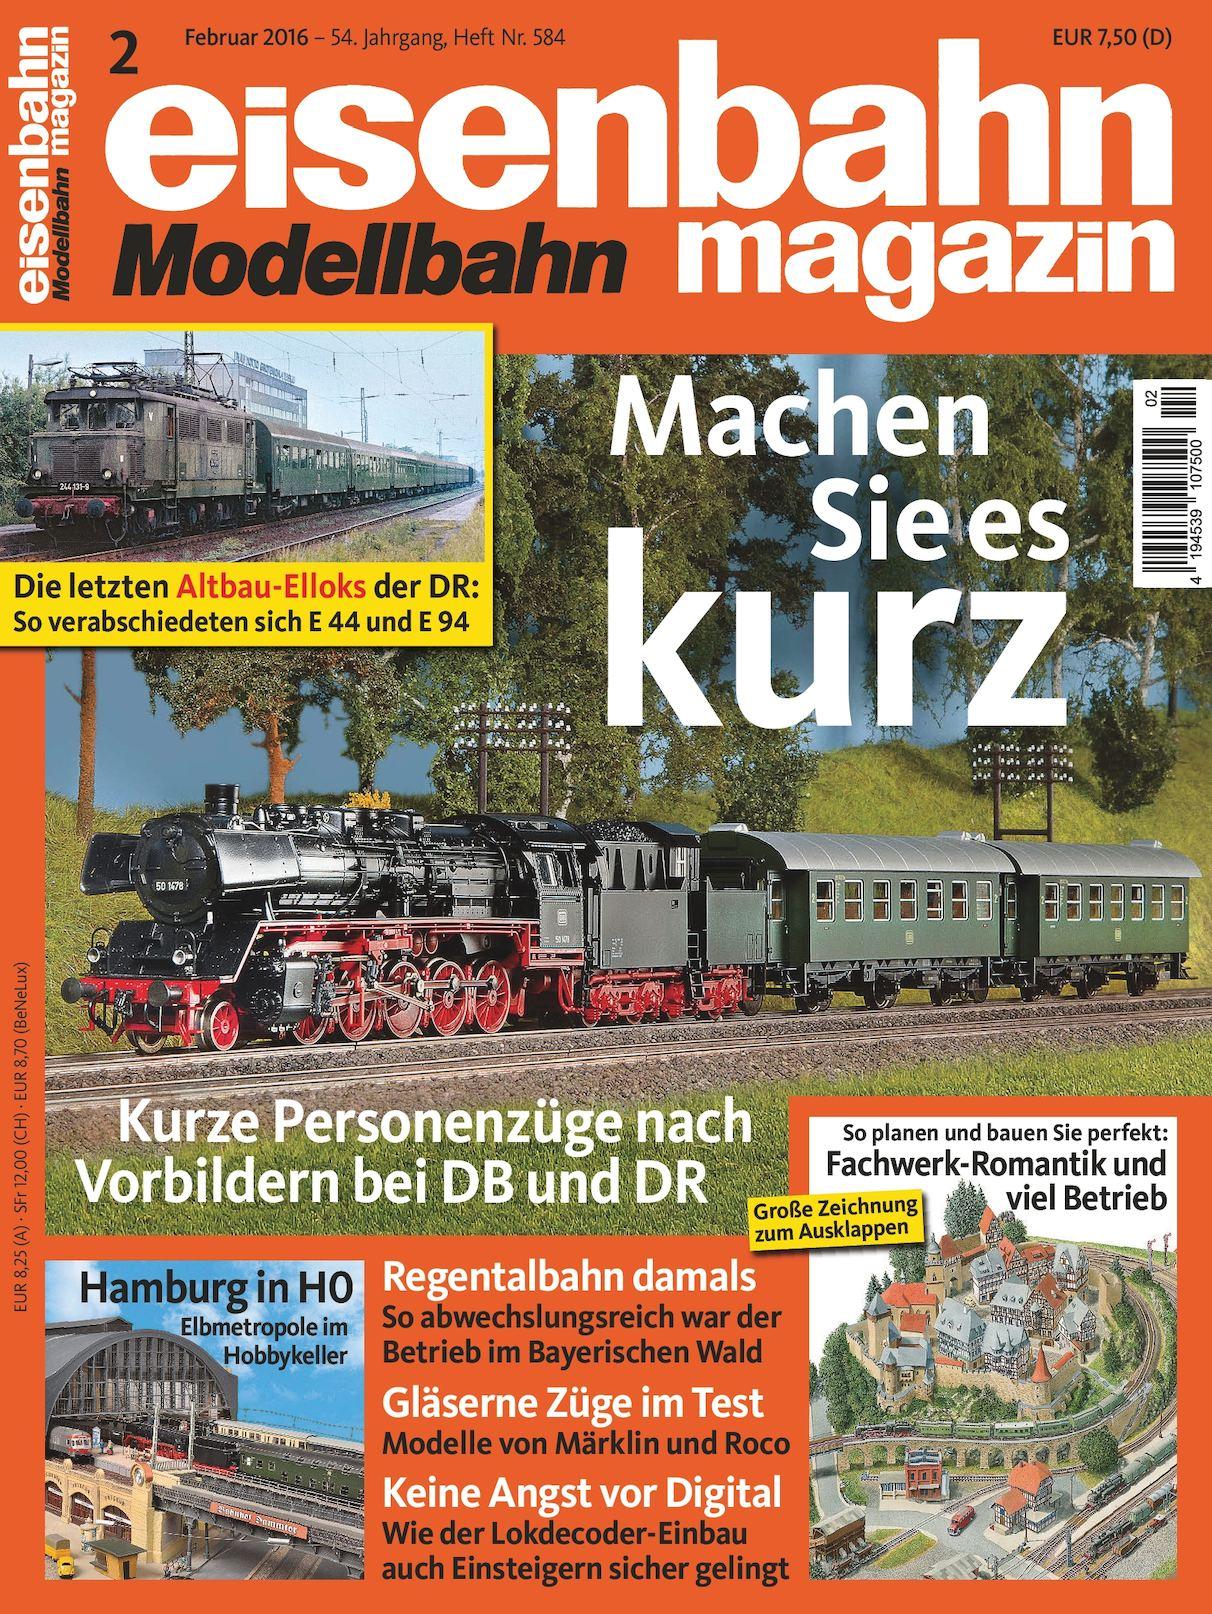 Ho+n 1968-69 Schnelle Lieferung Kibri Modellbahn-zubehör Sammlerstück